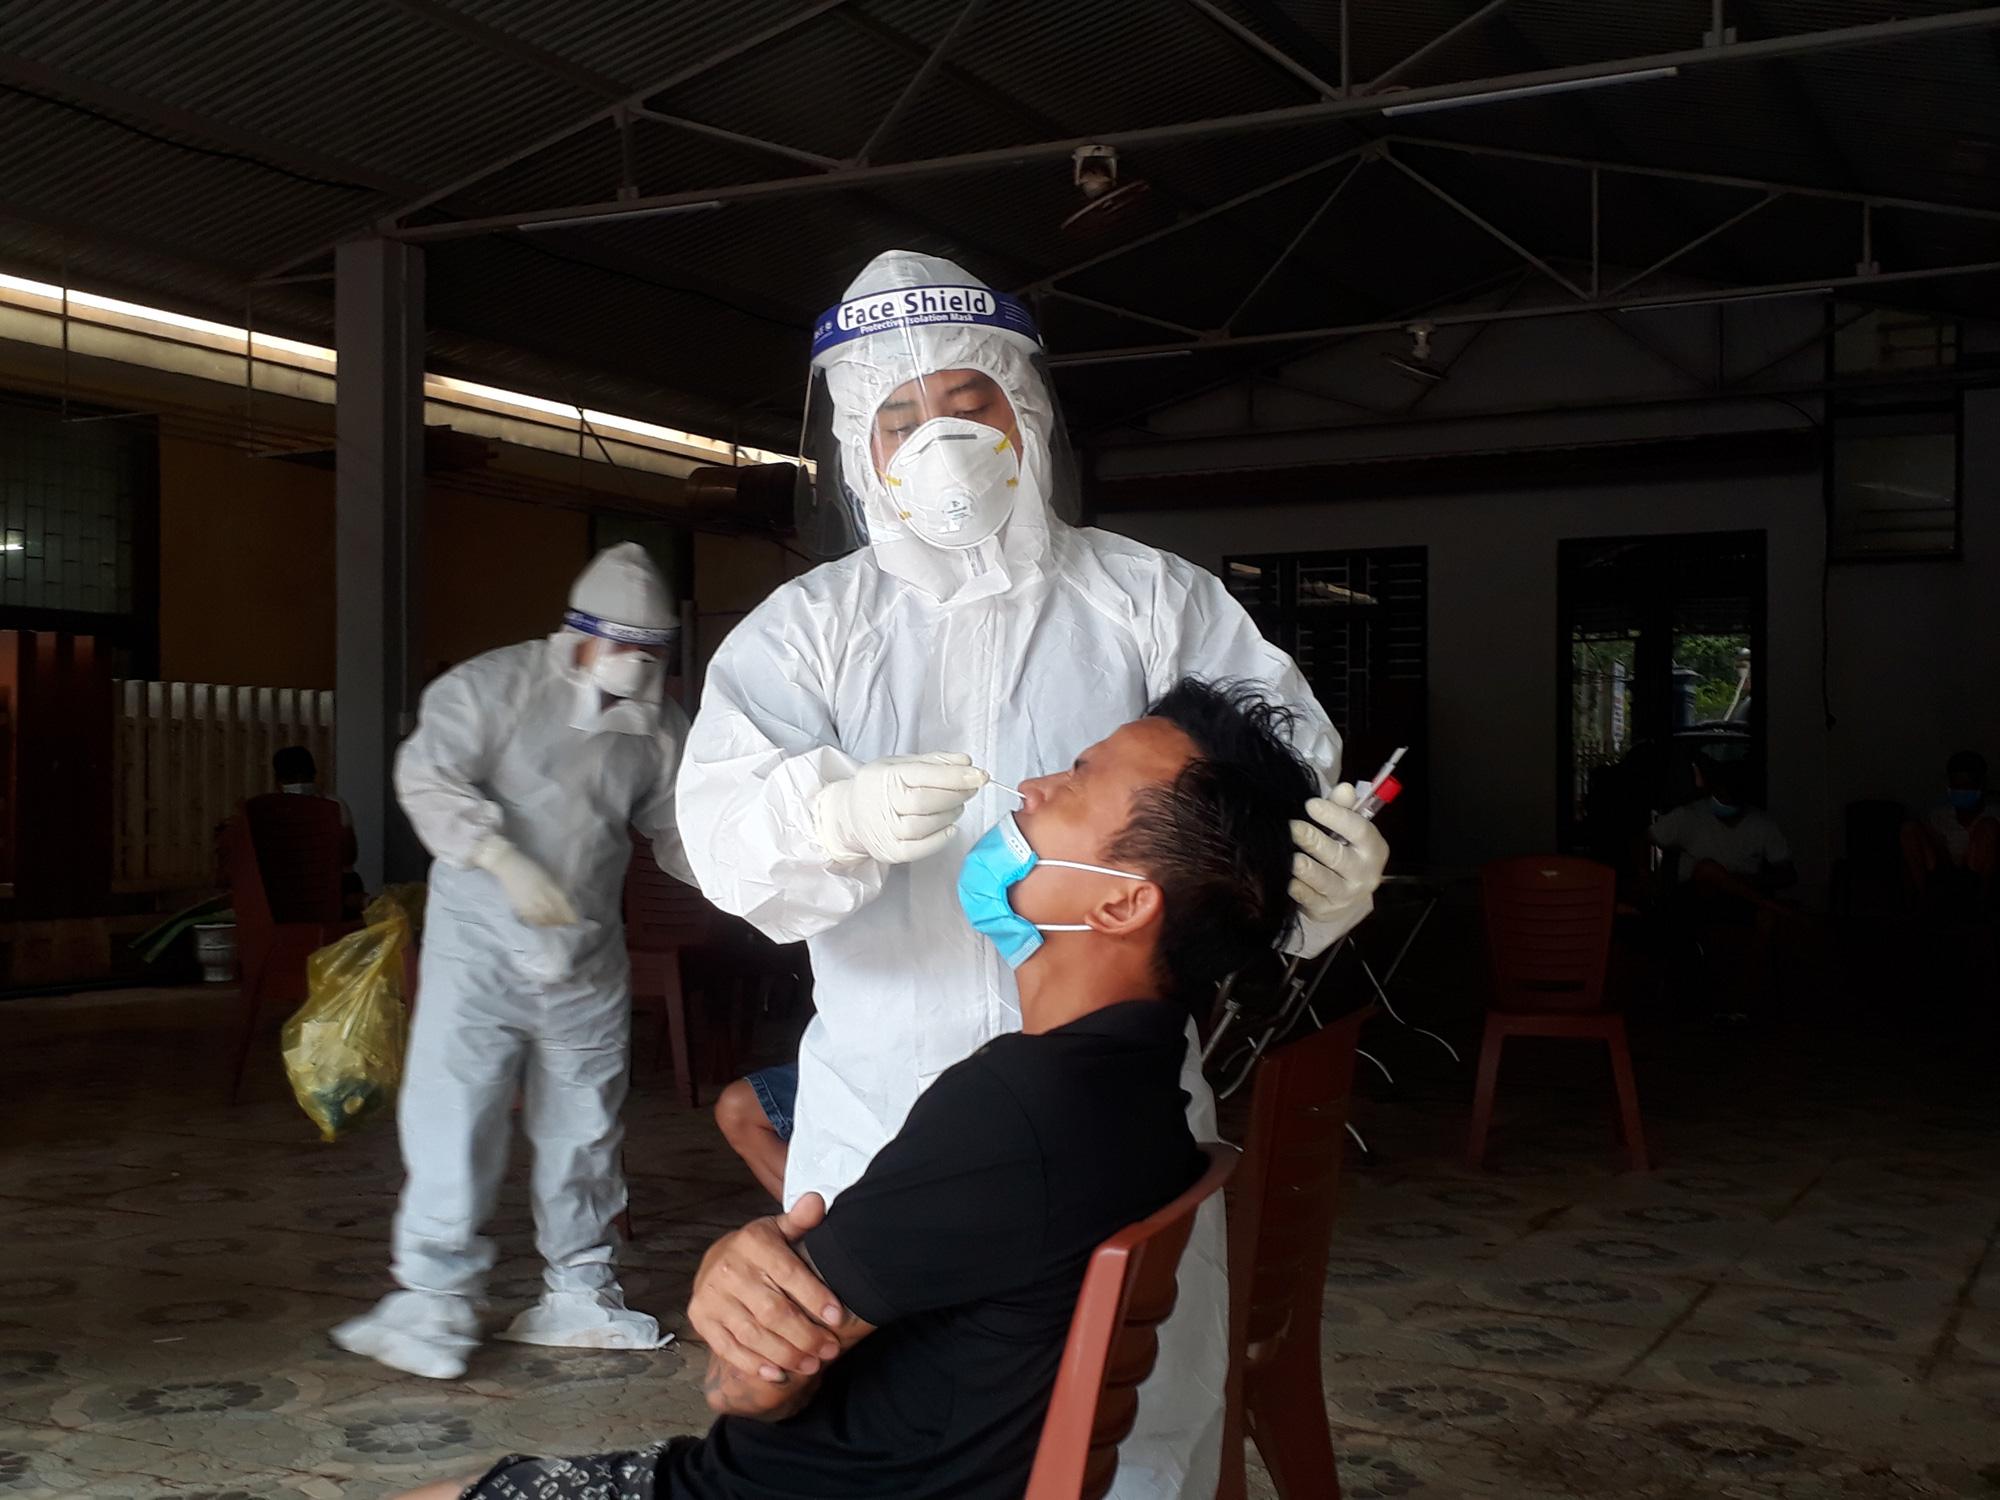 Quảng Bình: Phát hiện 1 trường hợp dương tính với SARS-CoV-2 tại cửa khẩu quốc tế Cha Lo - Ảnh 1.